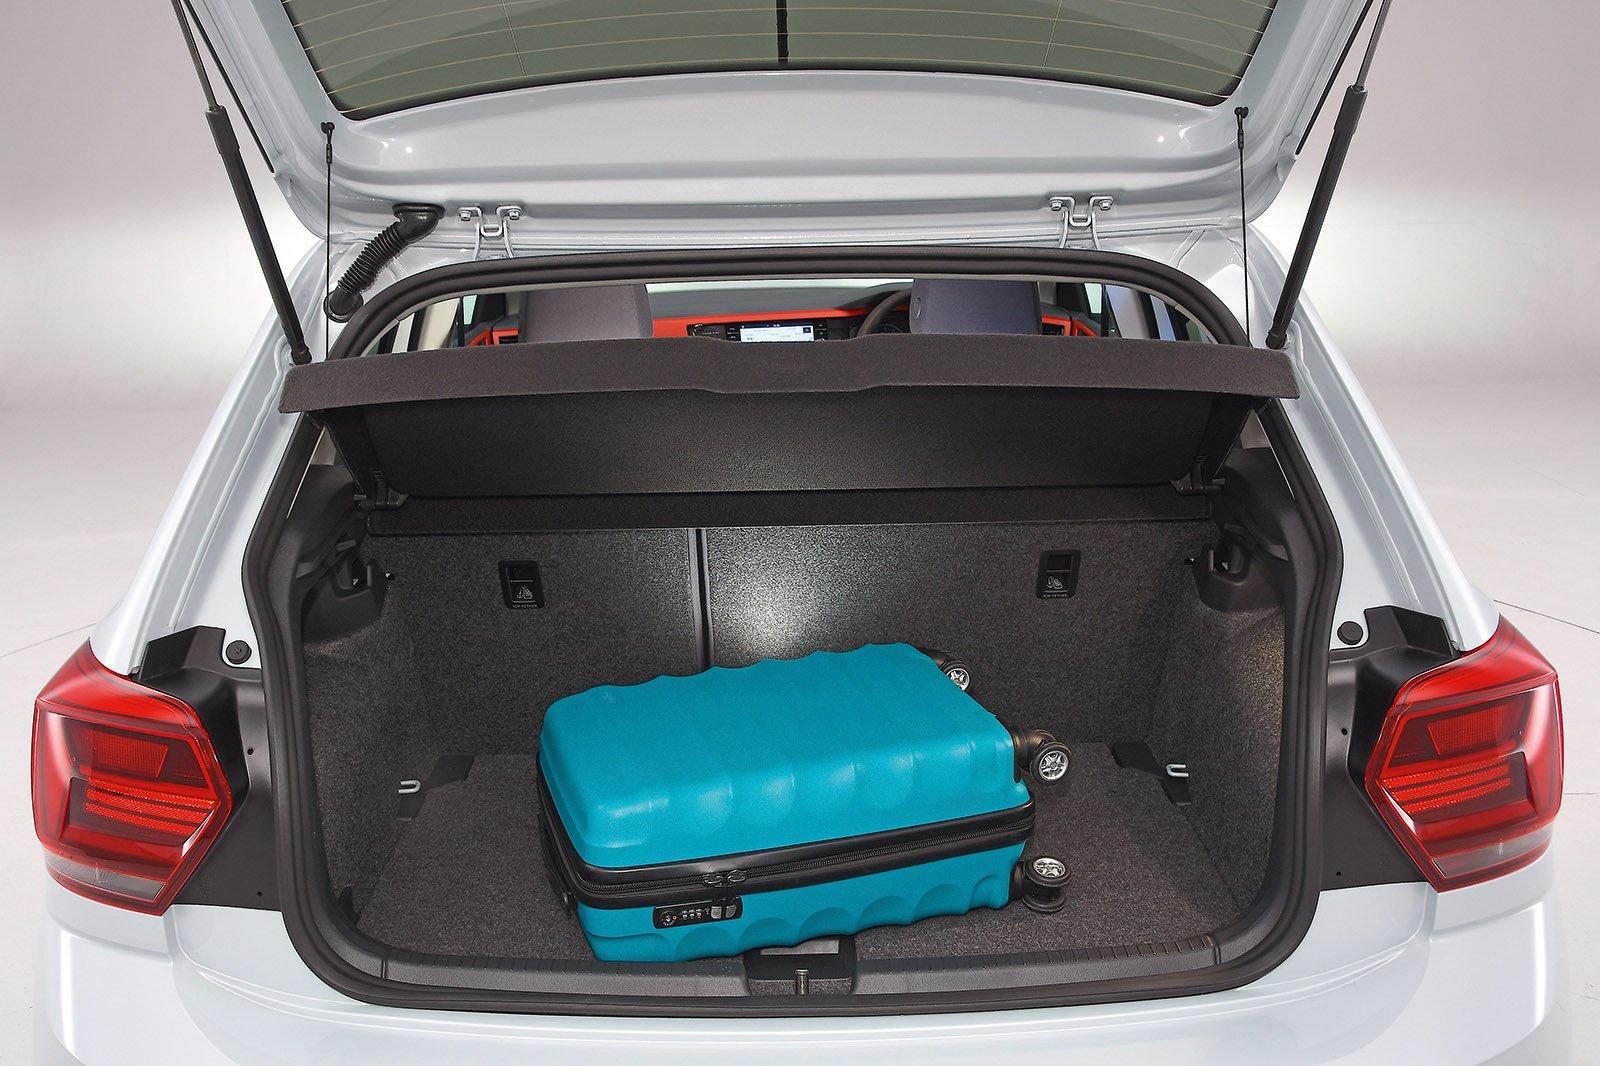 Volkswagen Polo boot